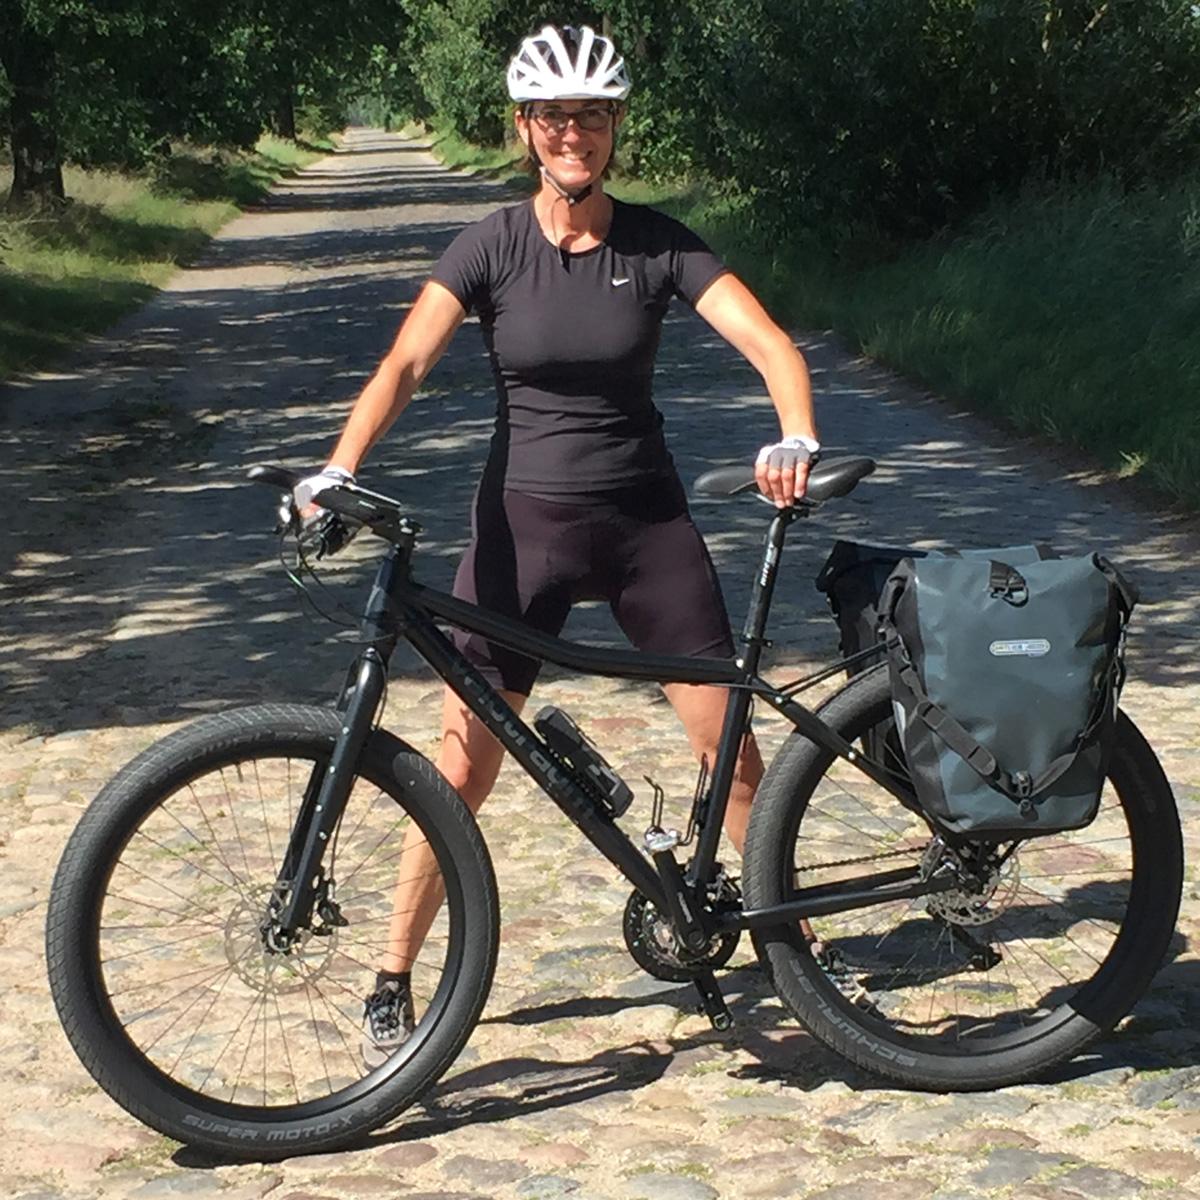 neuer stahl exzenter rahmen erste fahrrad beispiele velotraum. Black Bedroom Furniture Sets. Home Design Ideas